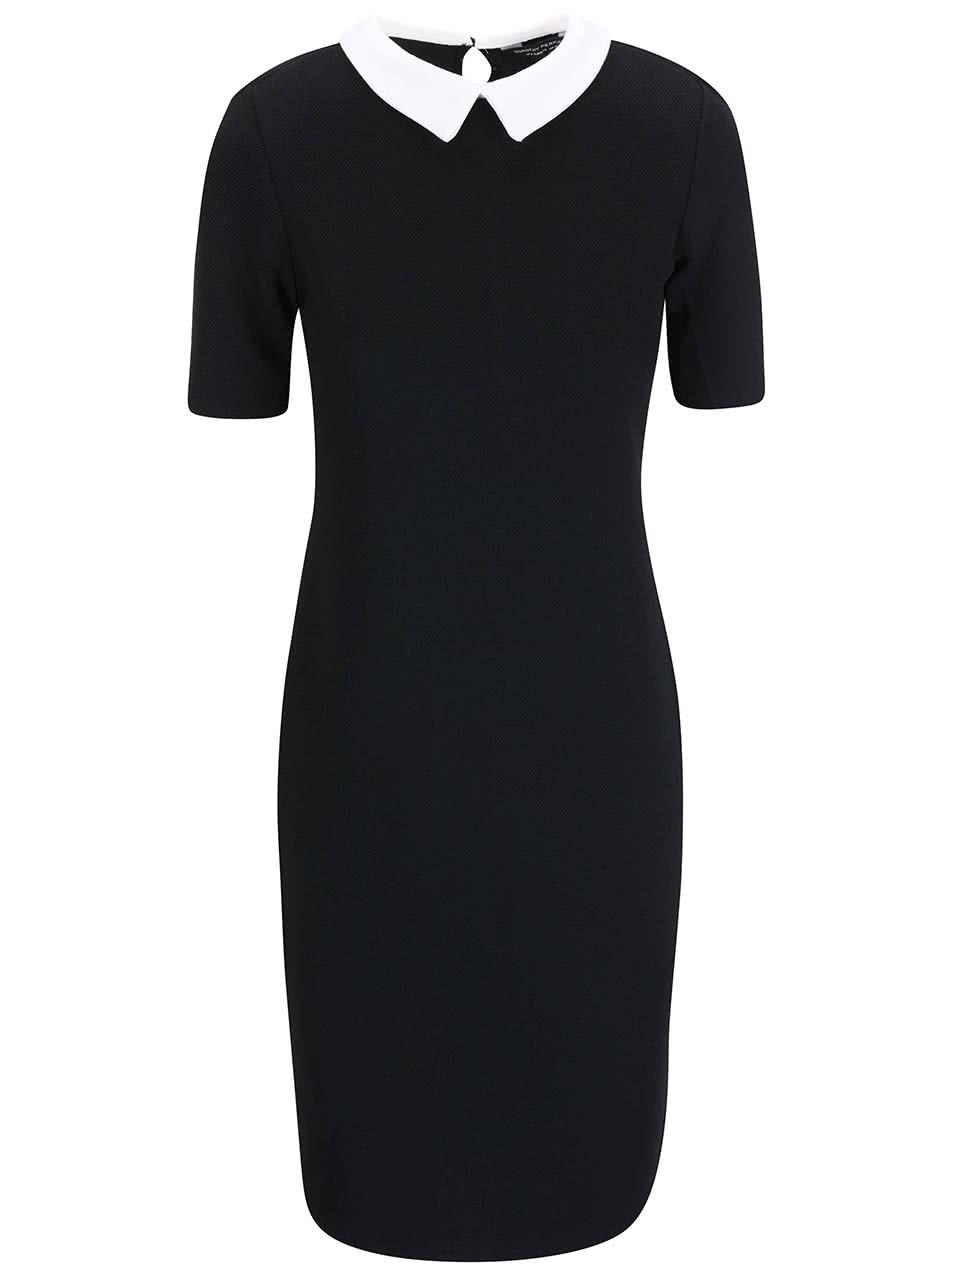 Čierne strečové šaty s bielym golierikom Dorothy Perkins ... b46e7bc4153